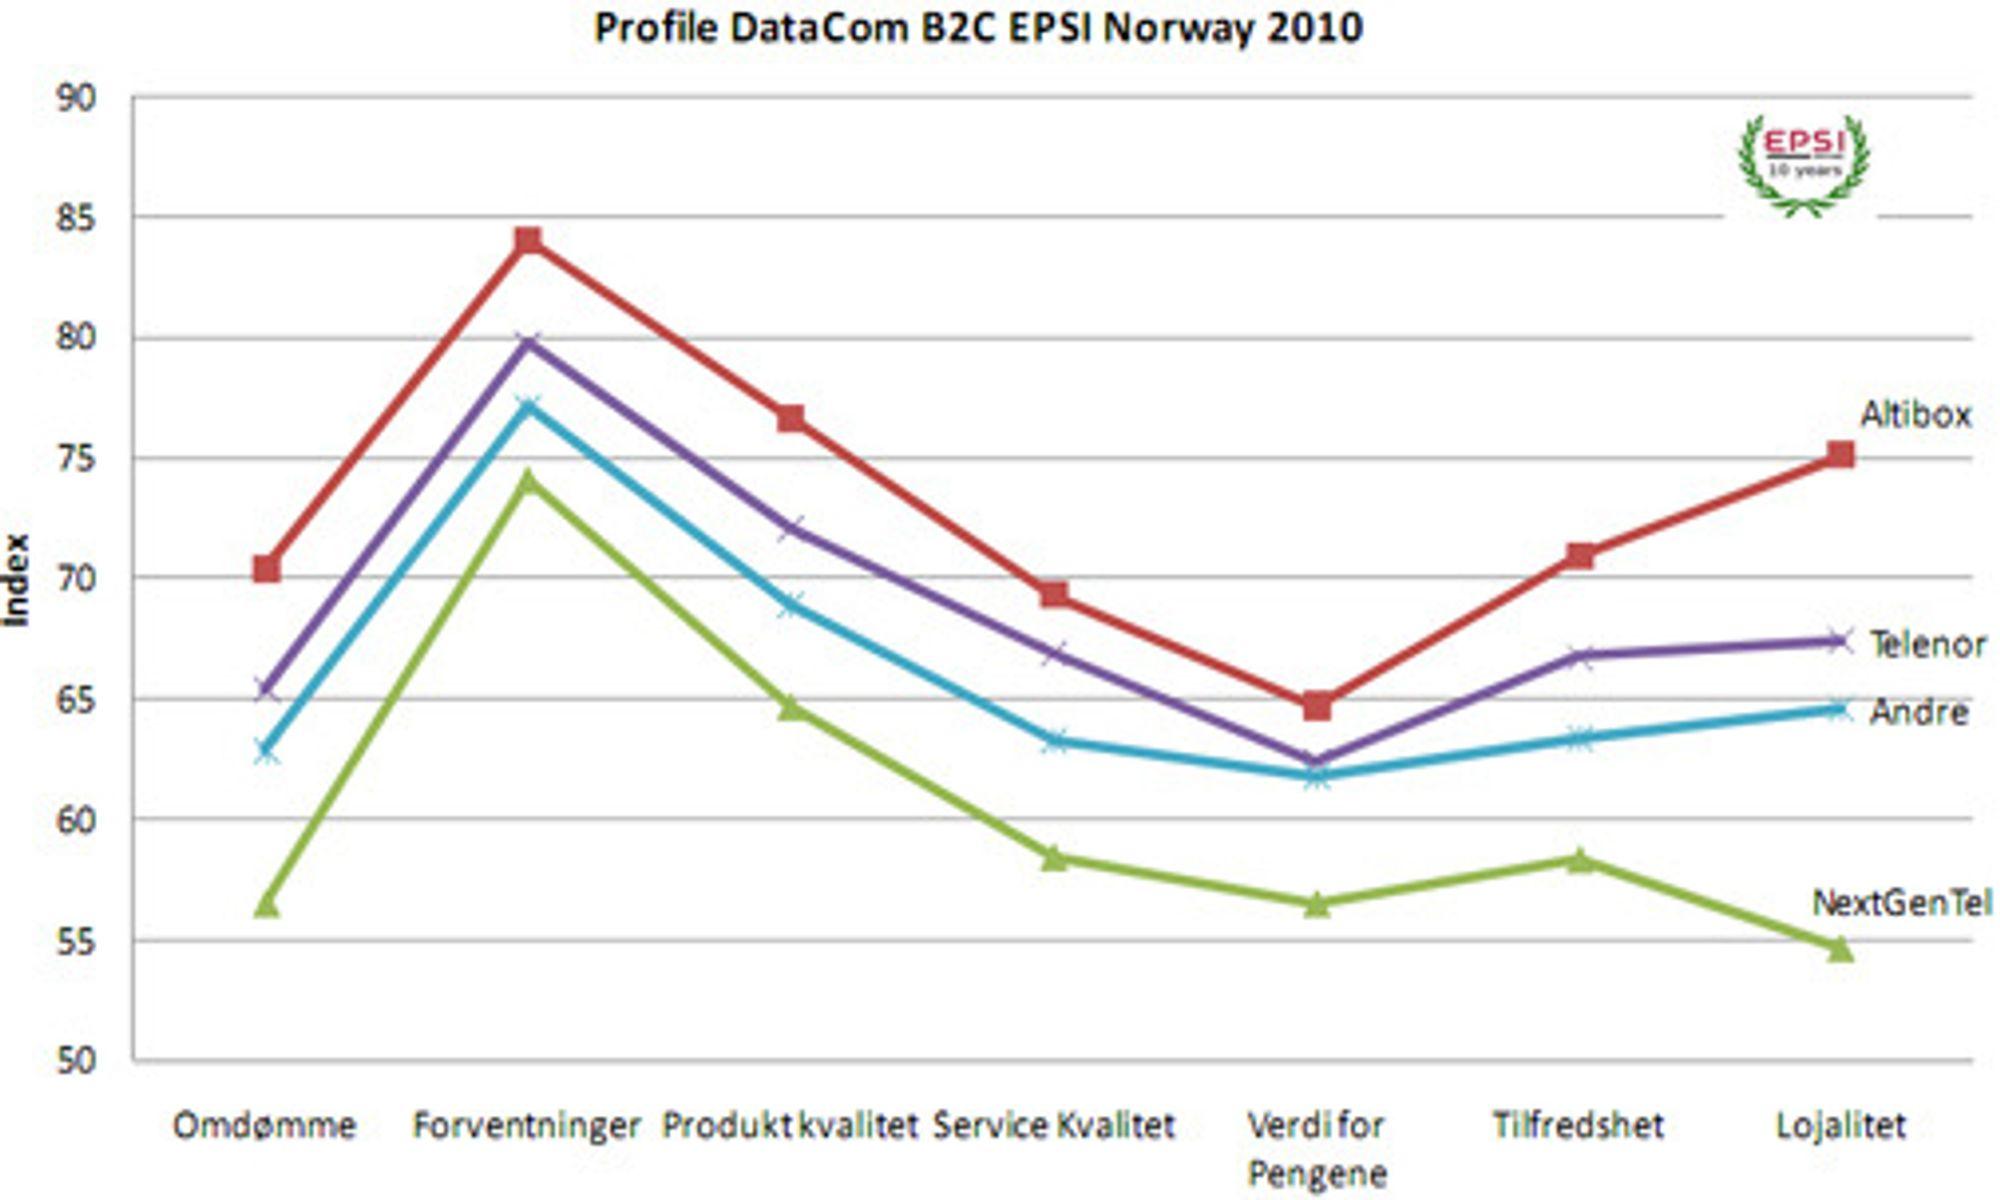 Klart høyest forventninger til fiberleverandøren Altibox. Selskapet har også de mest fornøyde kundene, ifølge målingen. (Privatmarkedet, B2C EPSI Norway 2010)